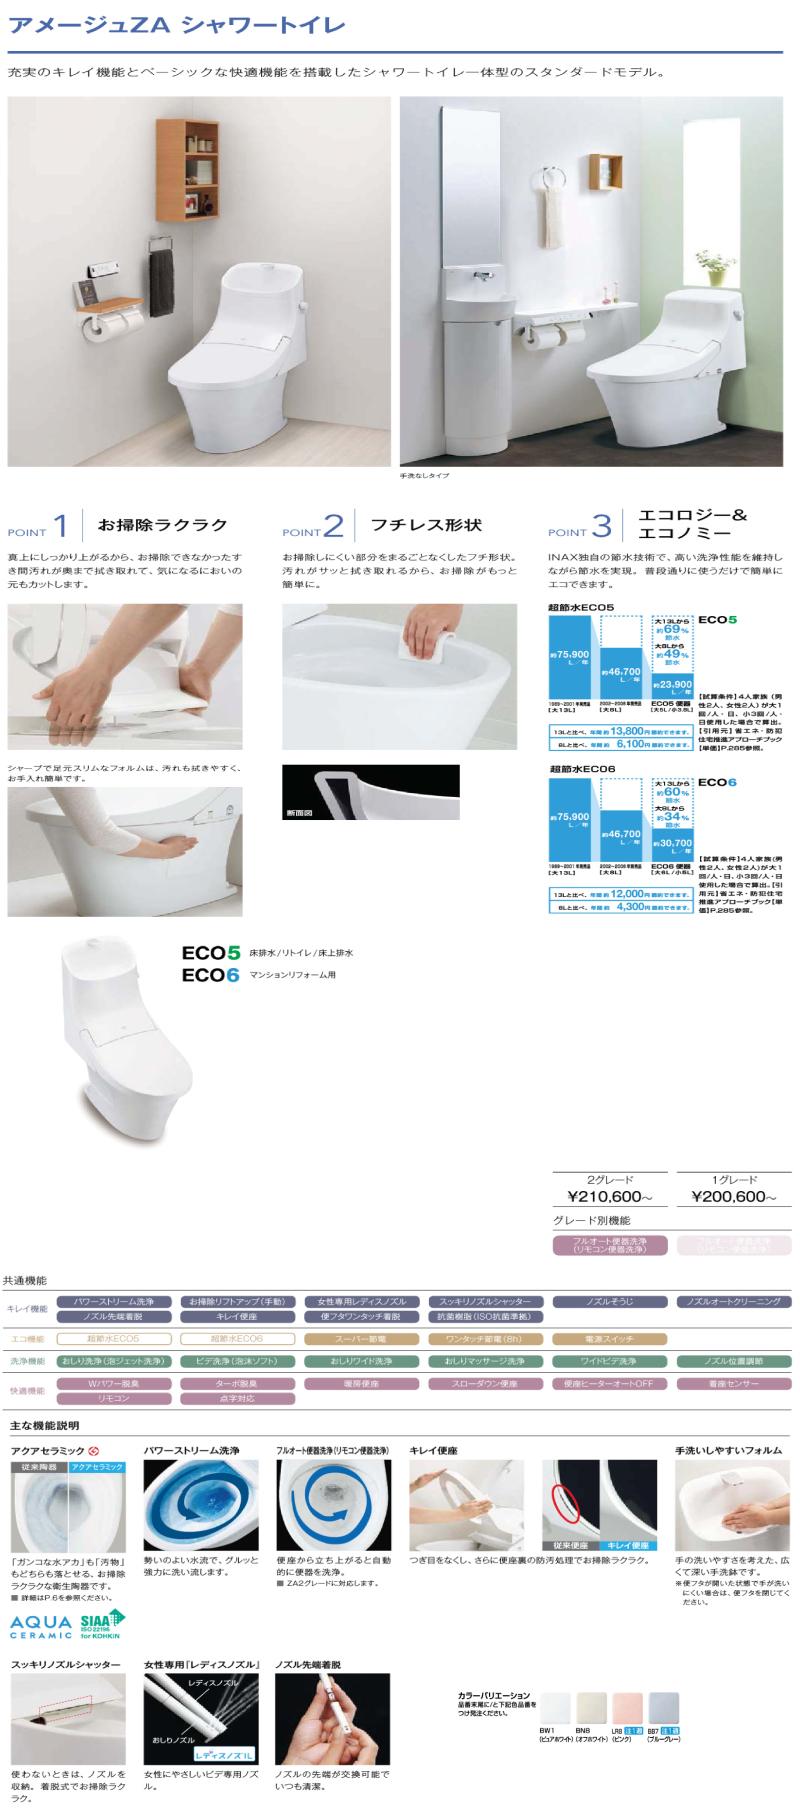 INAX アメージュZA一体型トイレ。シンプルな機能のみを搭載したシャワートイレ一体型便器のスタンダードモデルです。